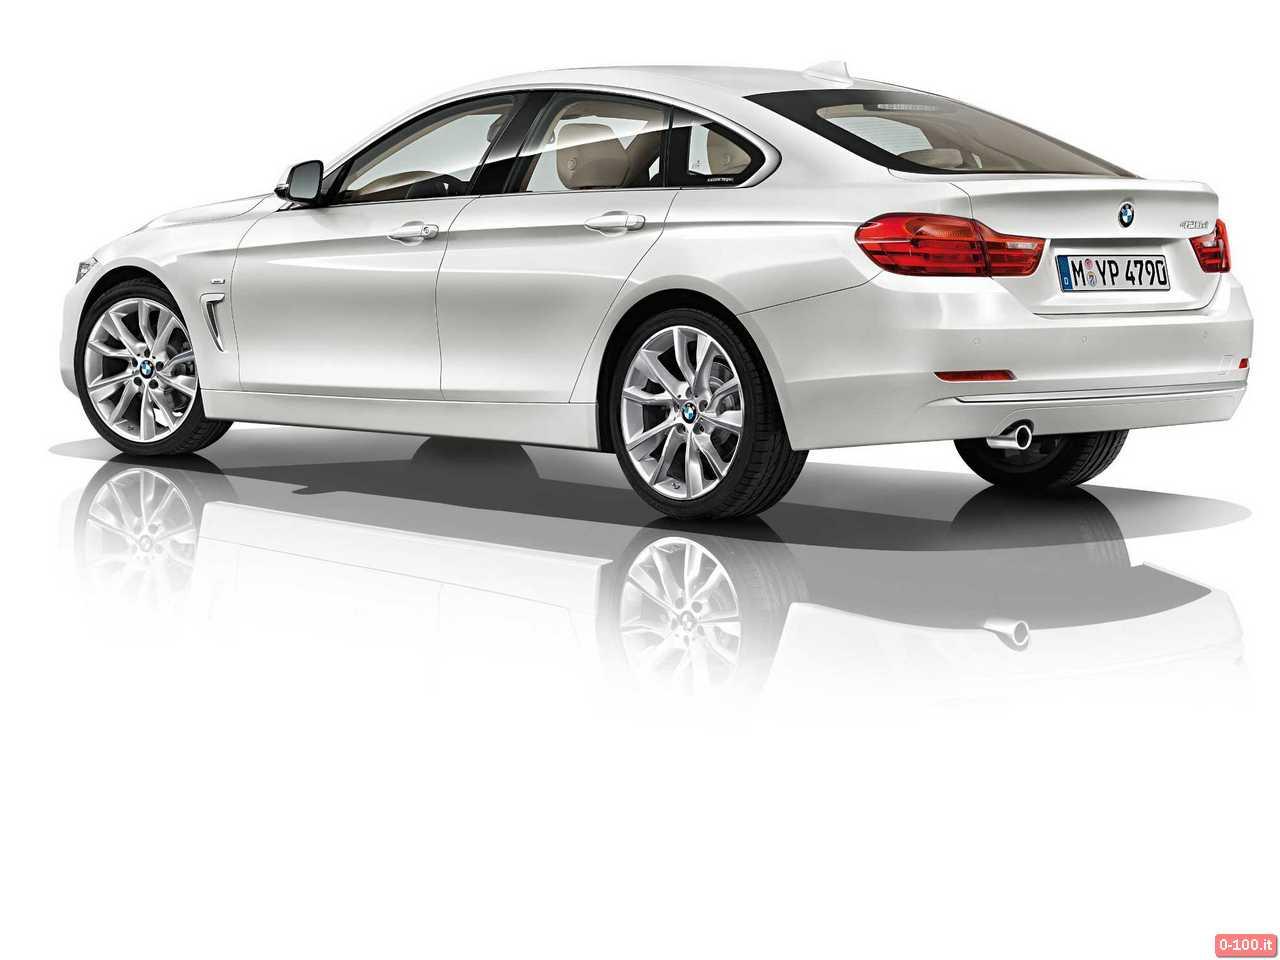 bmw-serie-4-gran-coupe-prezzo-price-ginevra-geneve-2014-0-100_85